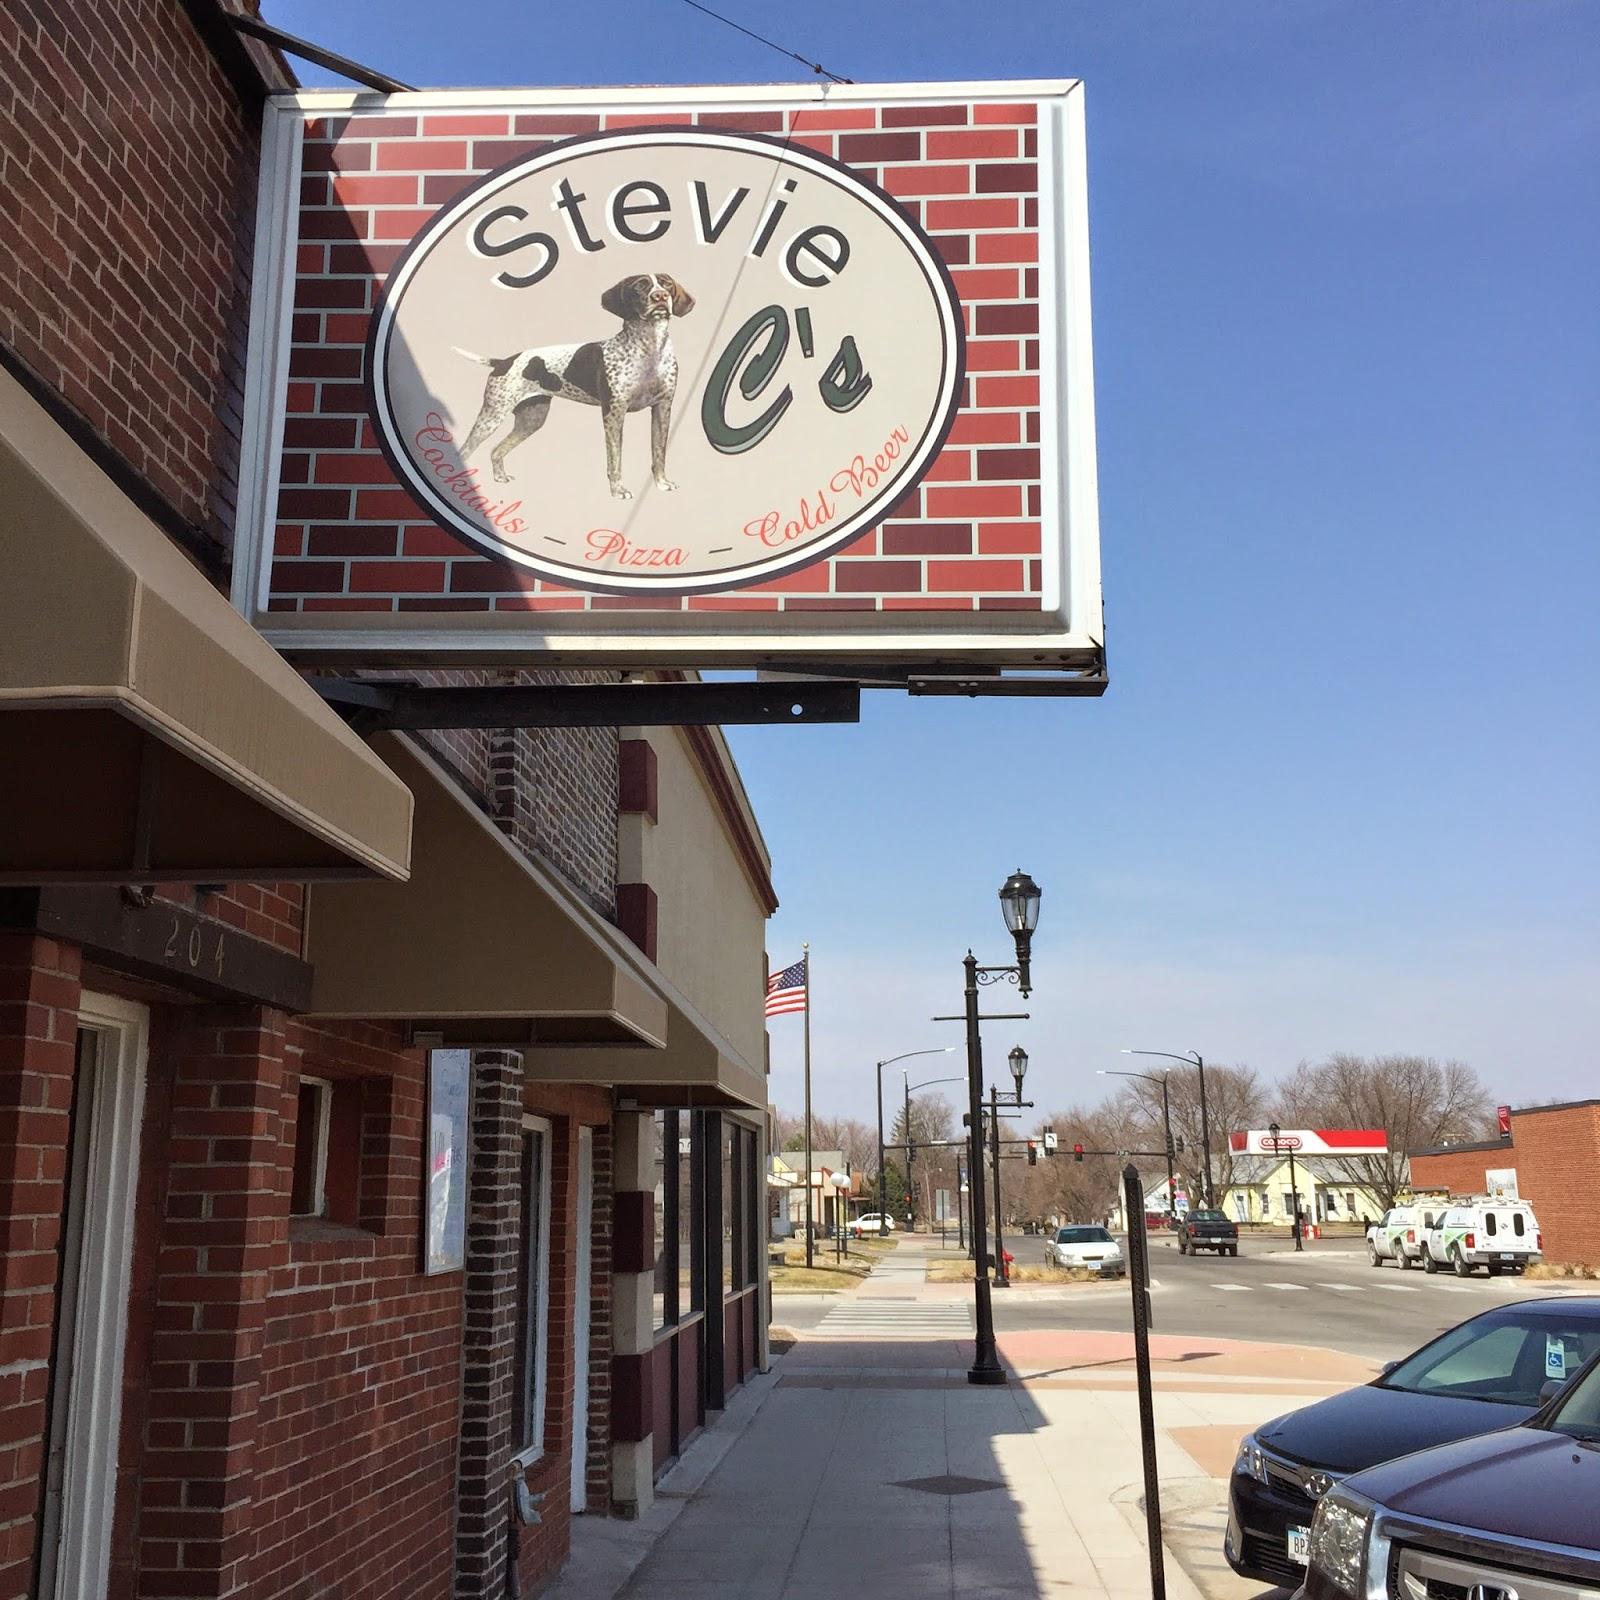 stevie c's dive bar sign grimes